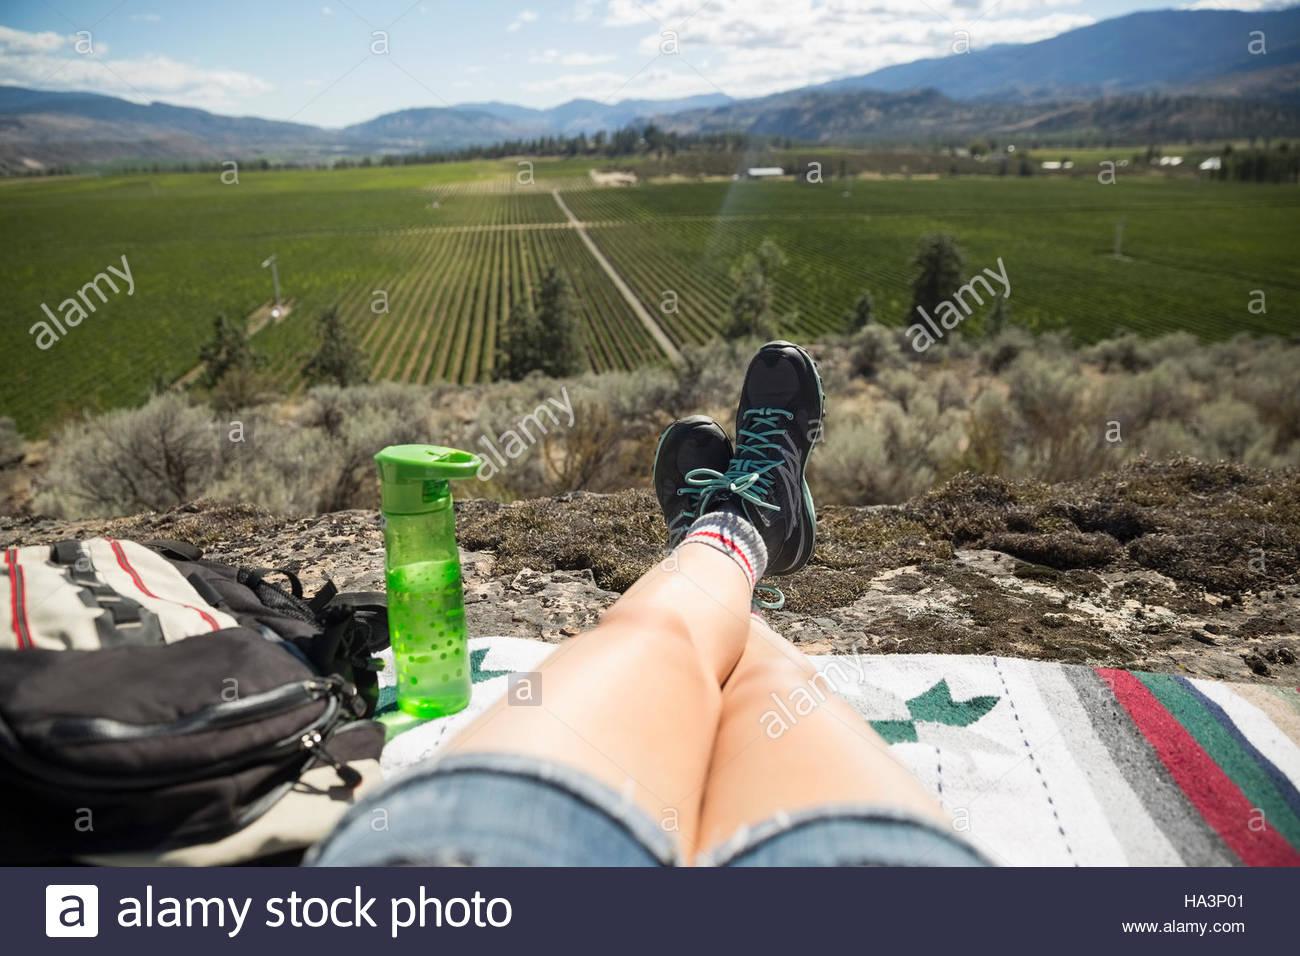 Perspectiva Personal mujer caminante relajarse mirando soleada vista rural Imagen De Stock